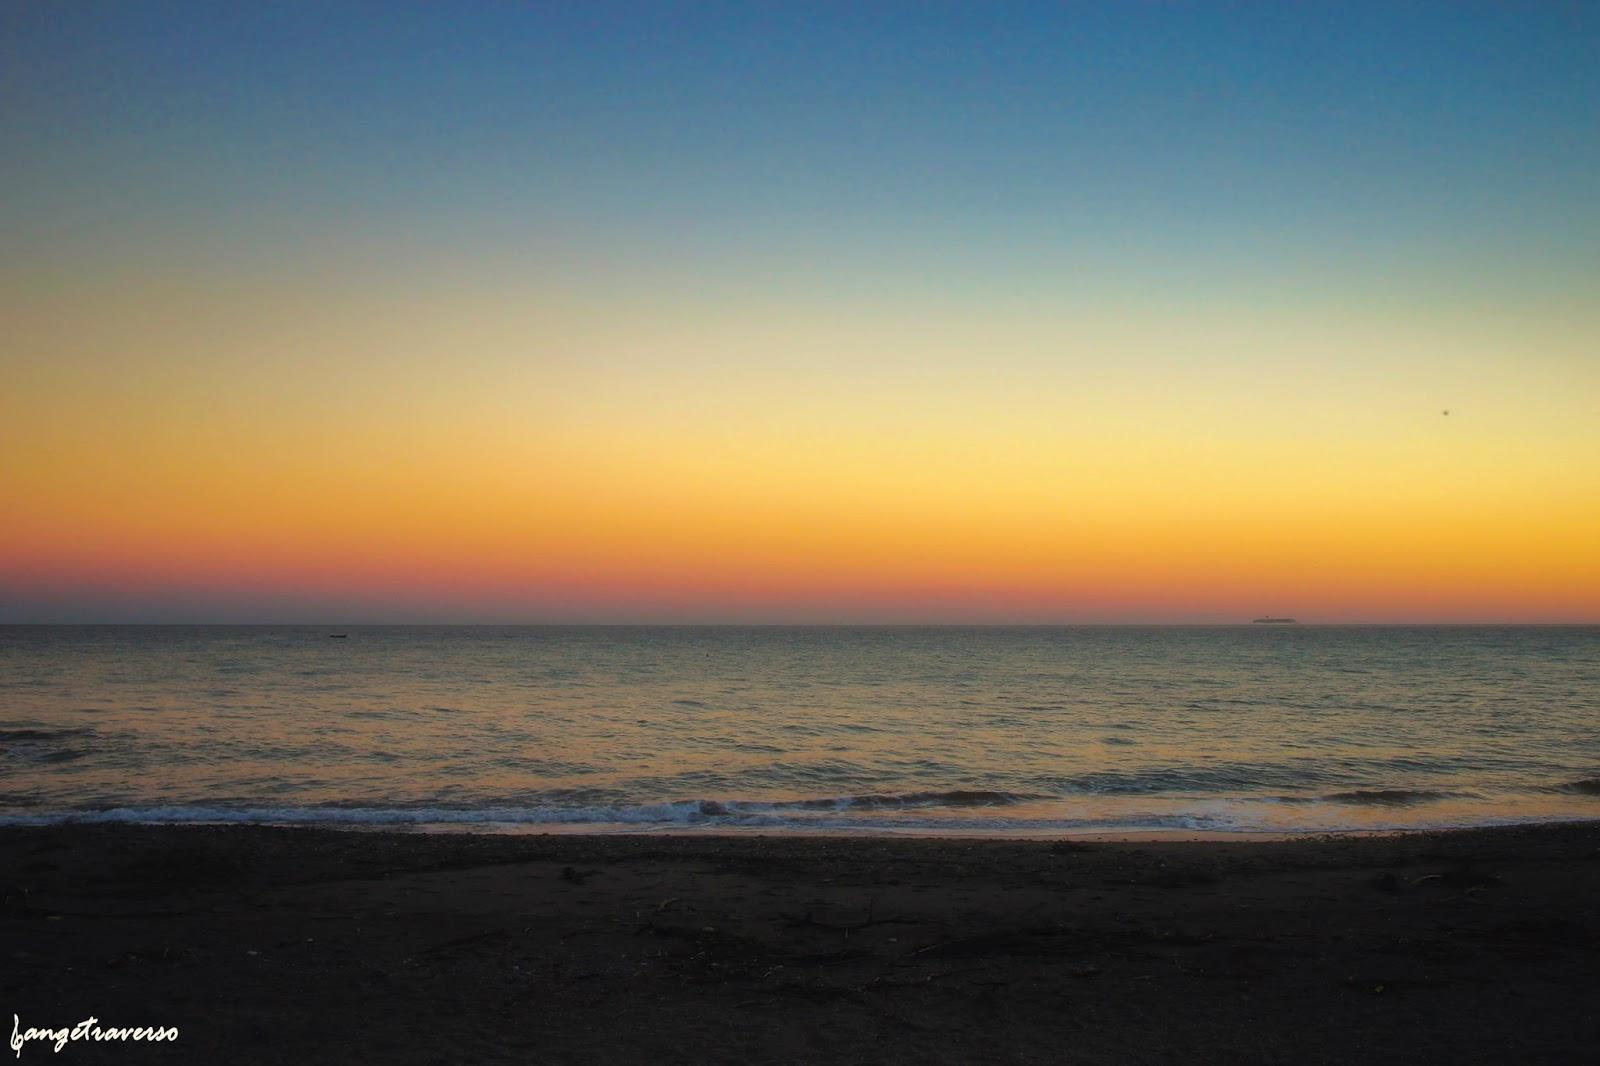 Sunset depuis Albenga, dans la province d'Imperia en Italie